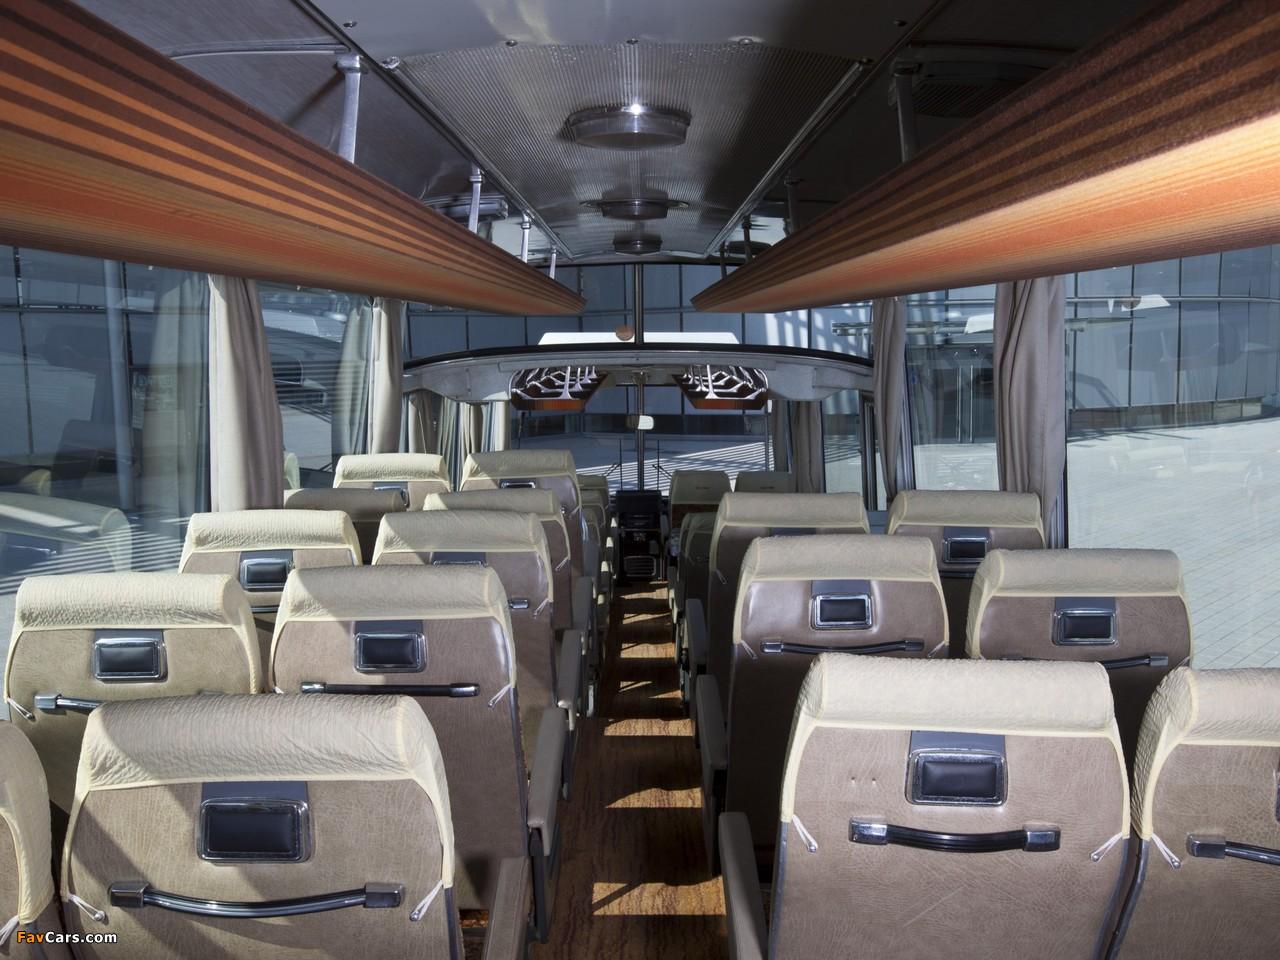 Setra S150 Panoramabus 1967– images (1280 x 960)